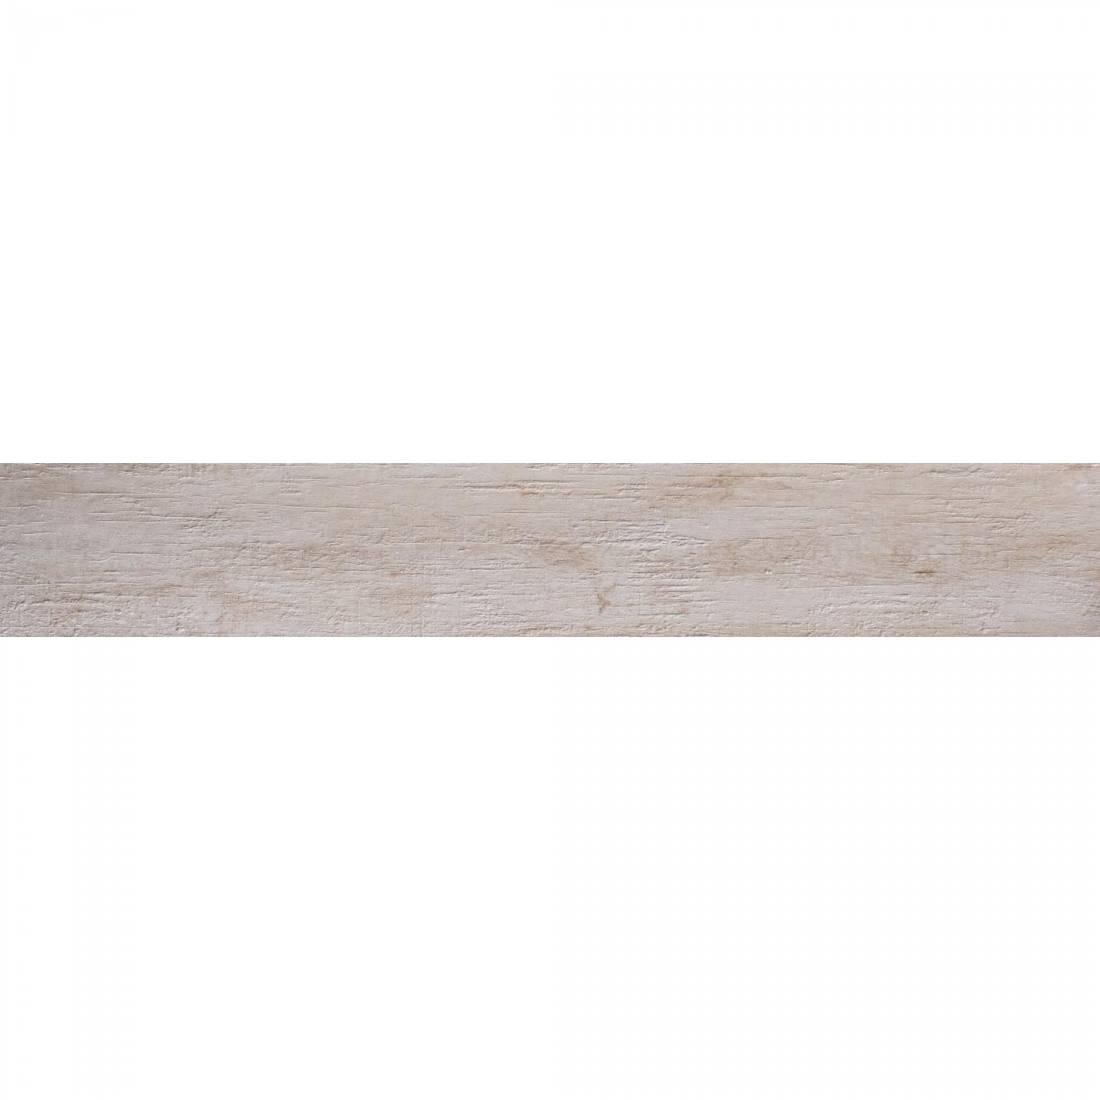 Home Wood 15x90 Mallow Light Beige Matt 1